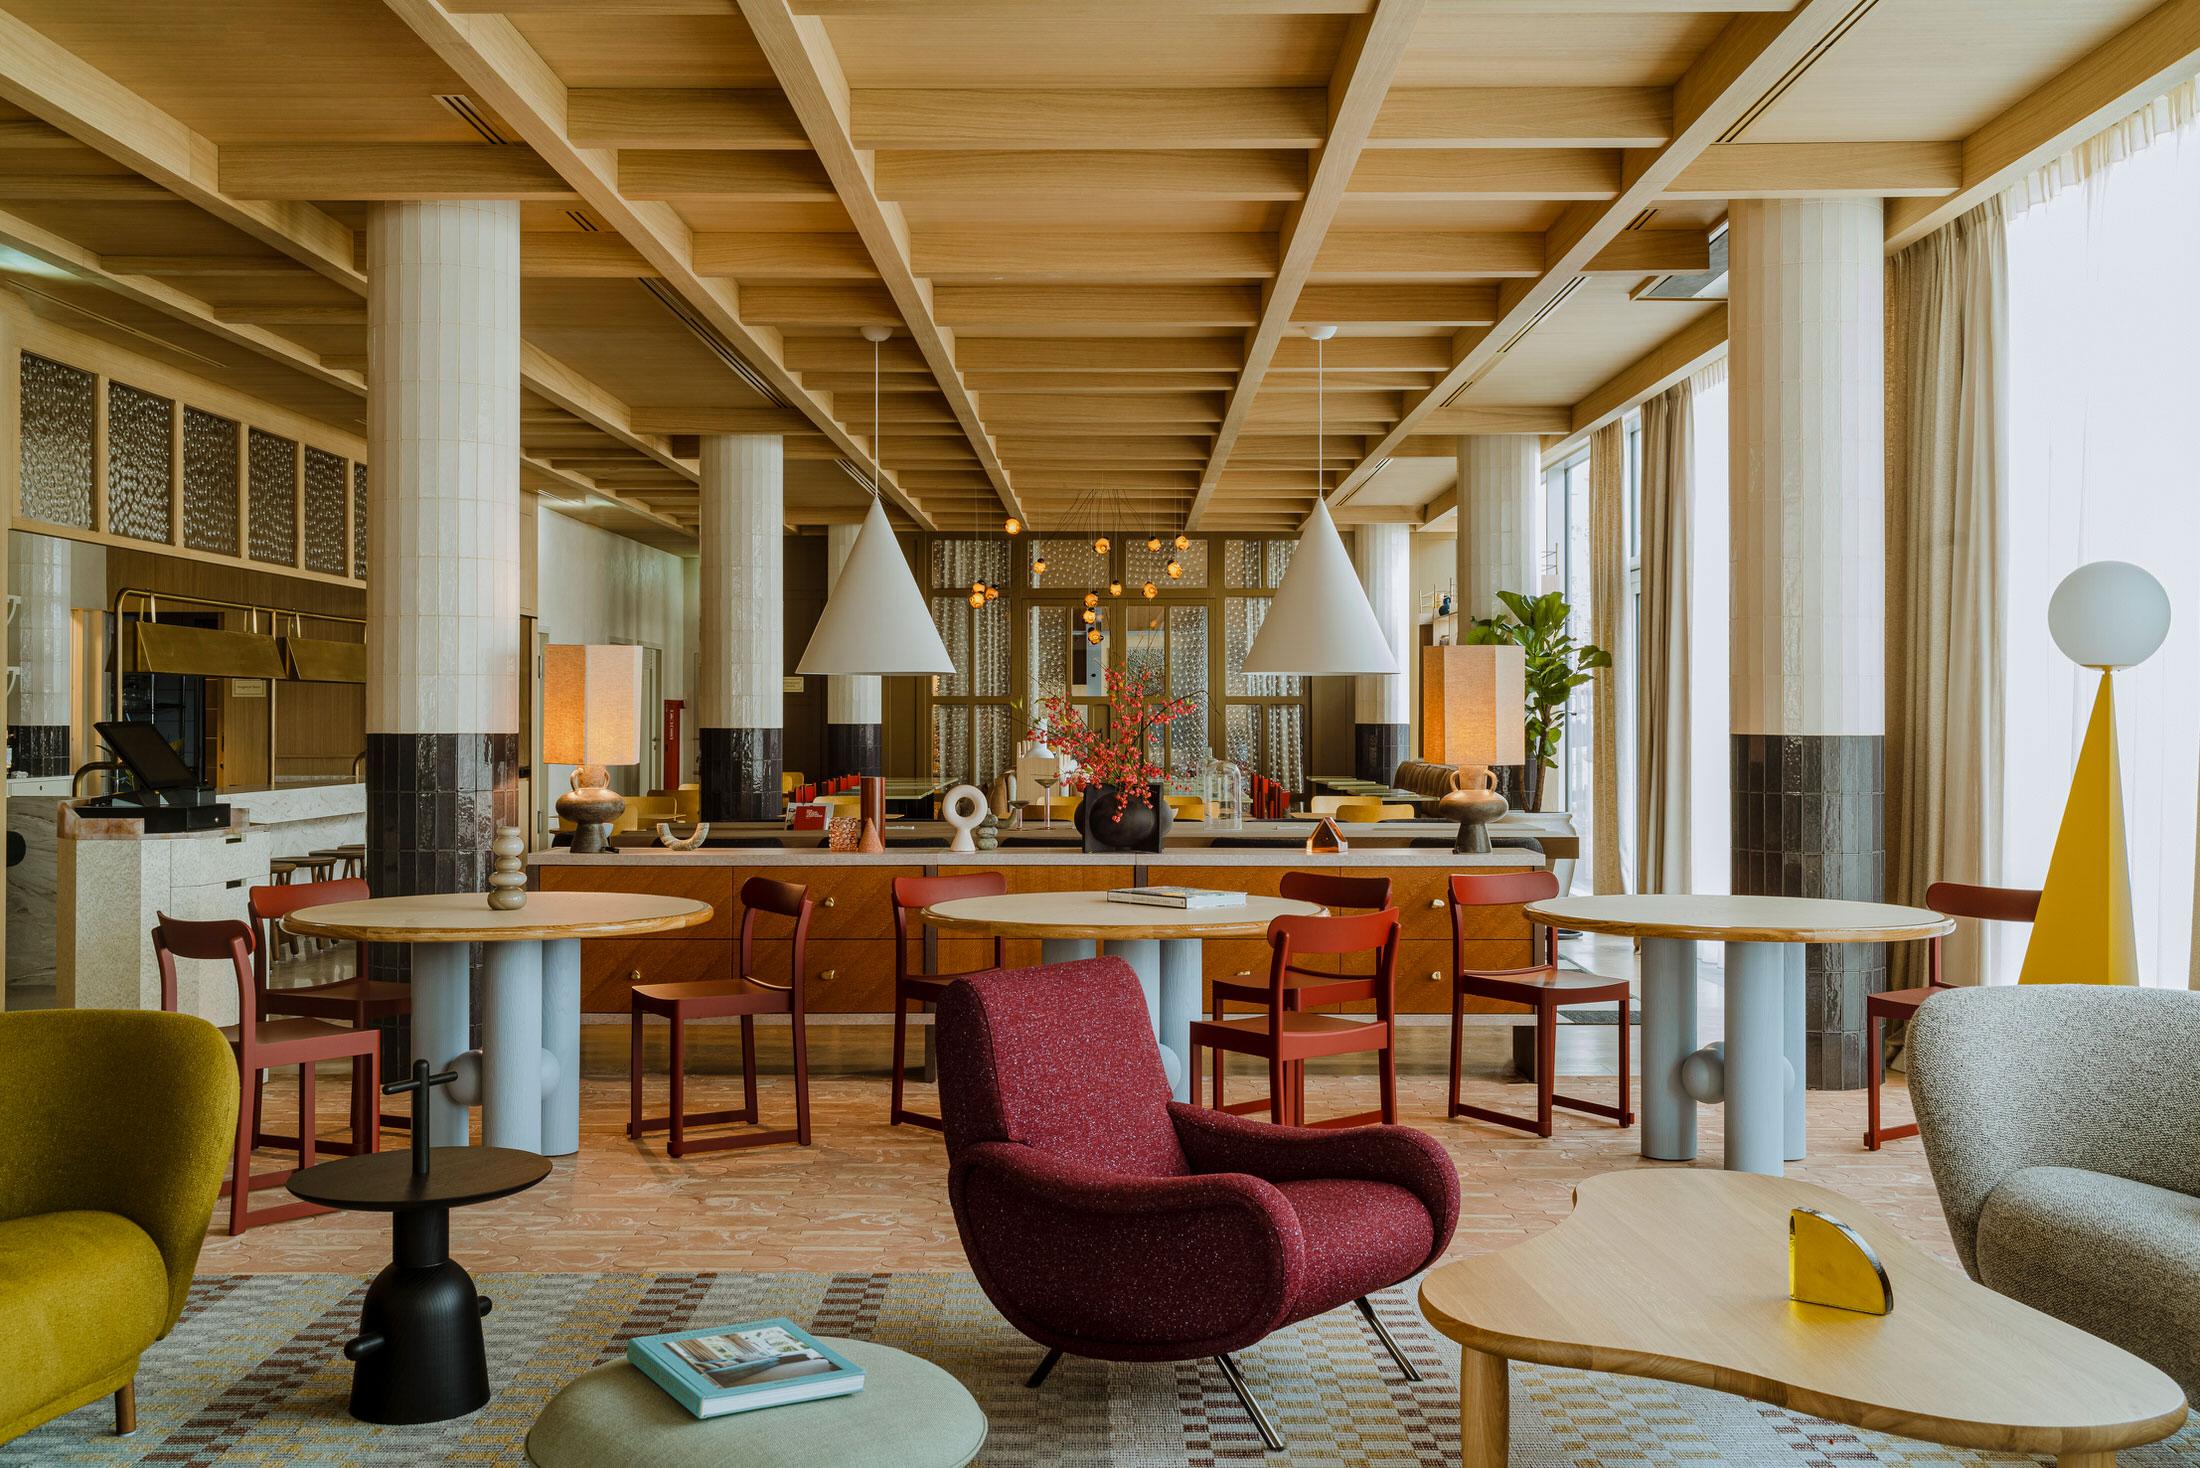 Paradowski Studio Puro Hotel Krakow Photo Pion Studio Yellowtrace 17